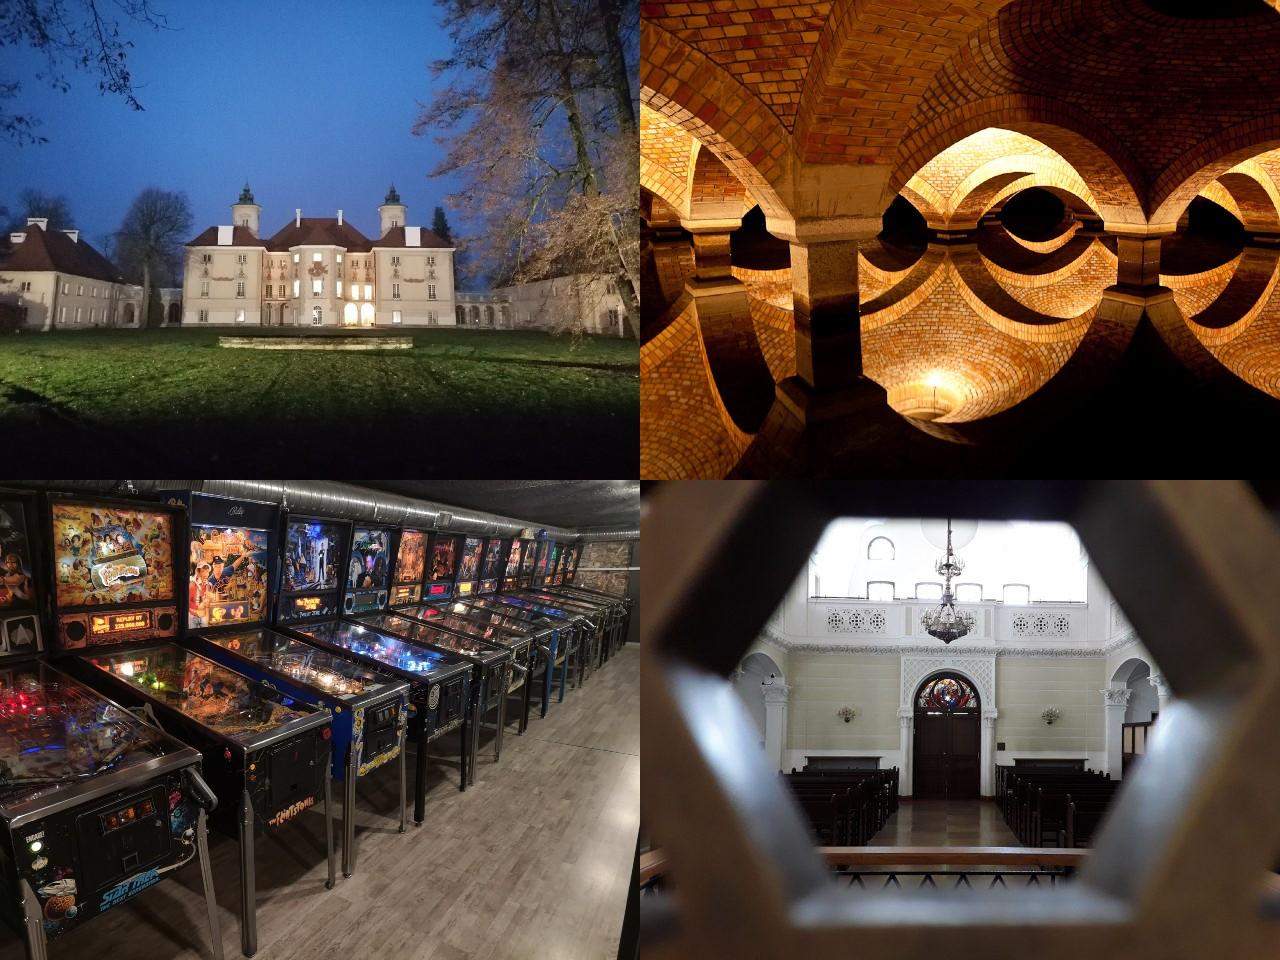 Noc Muzeów: Miejsca wWarszawie iokolicach, wktórychnigdy niebyliście